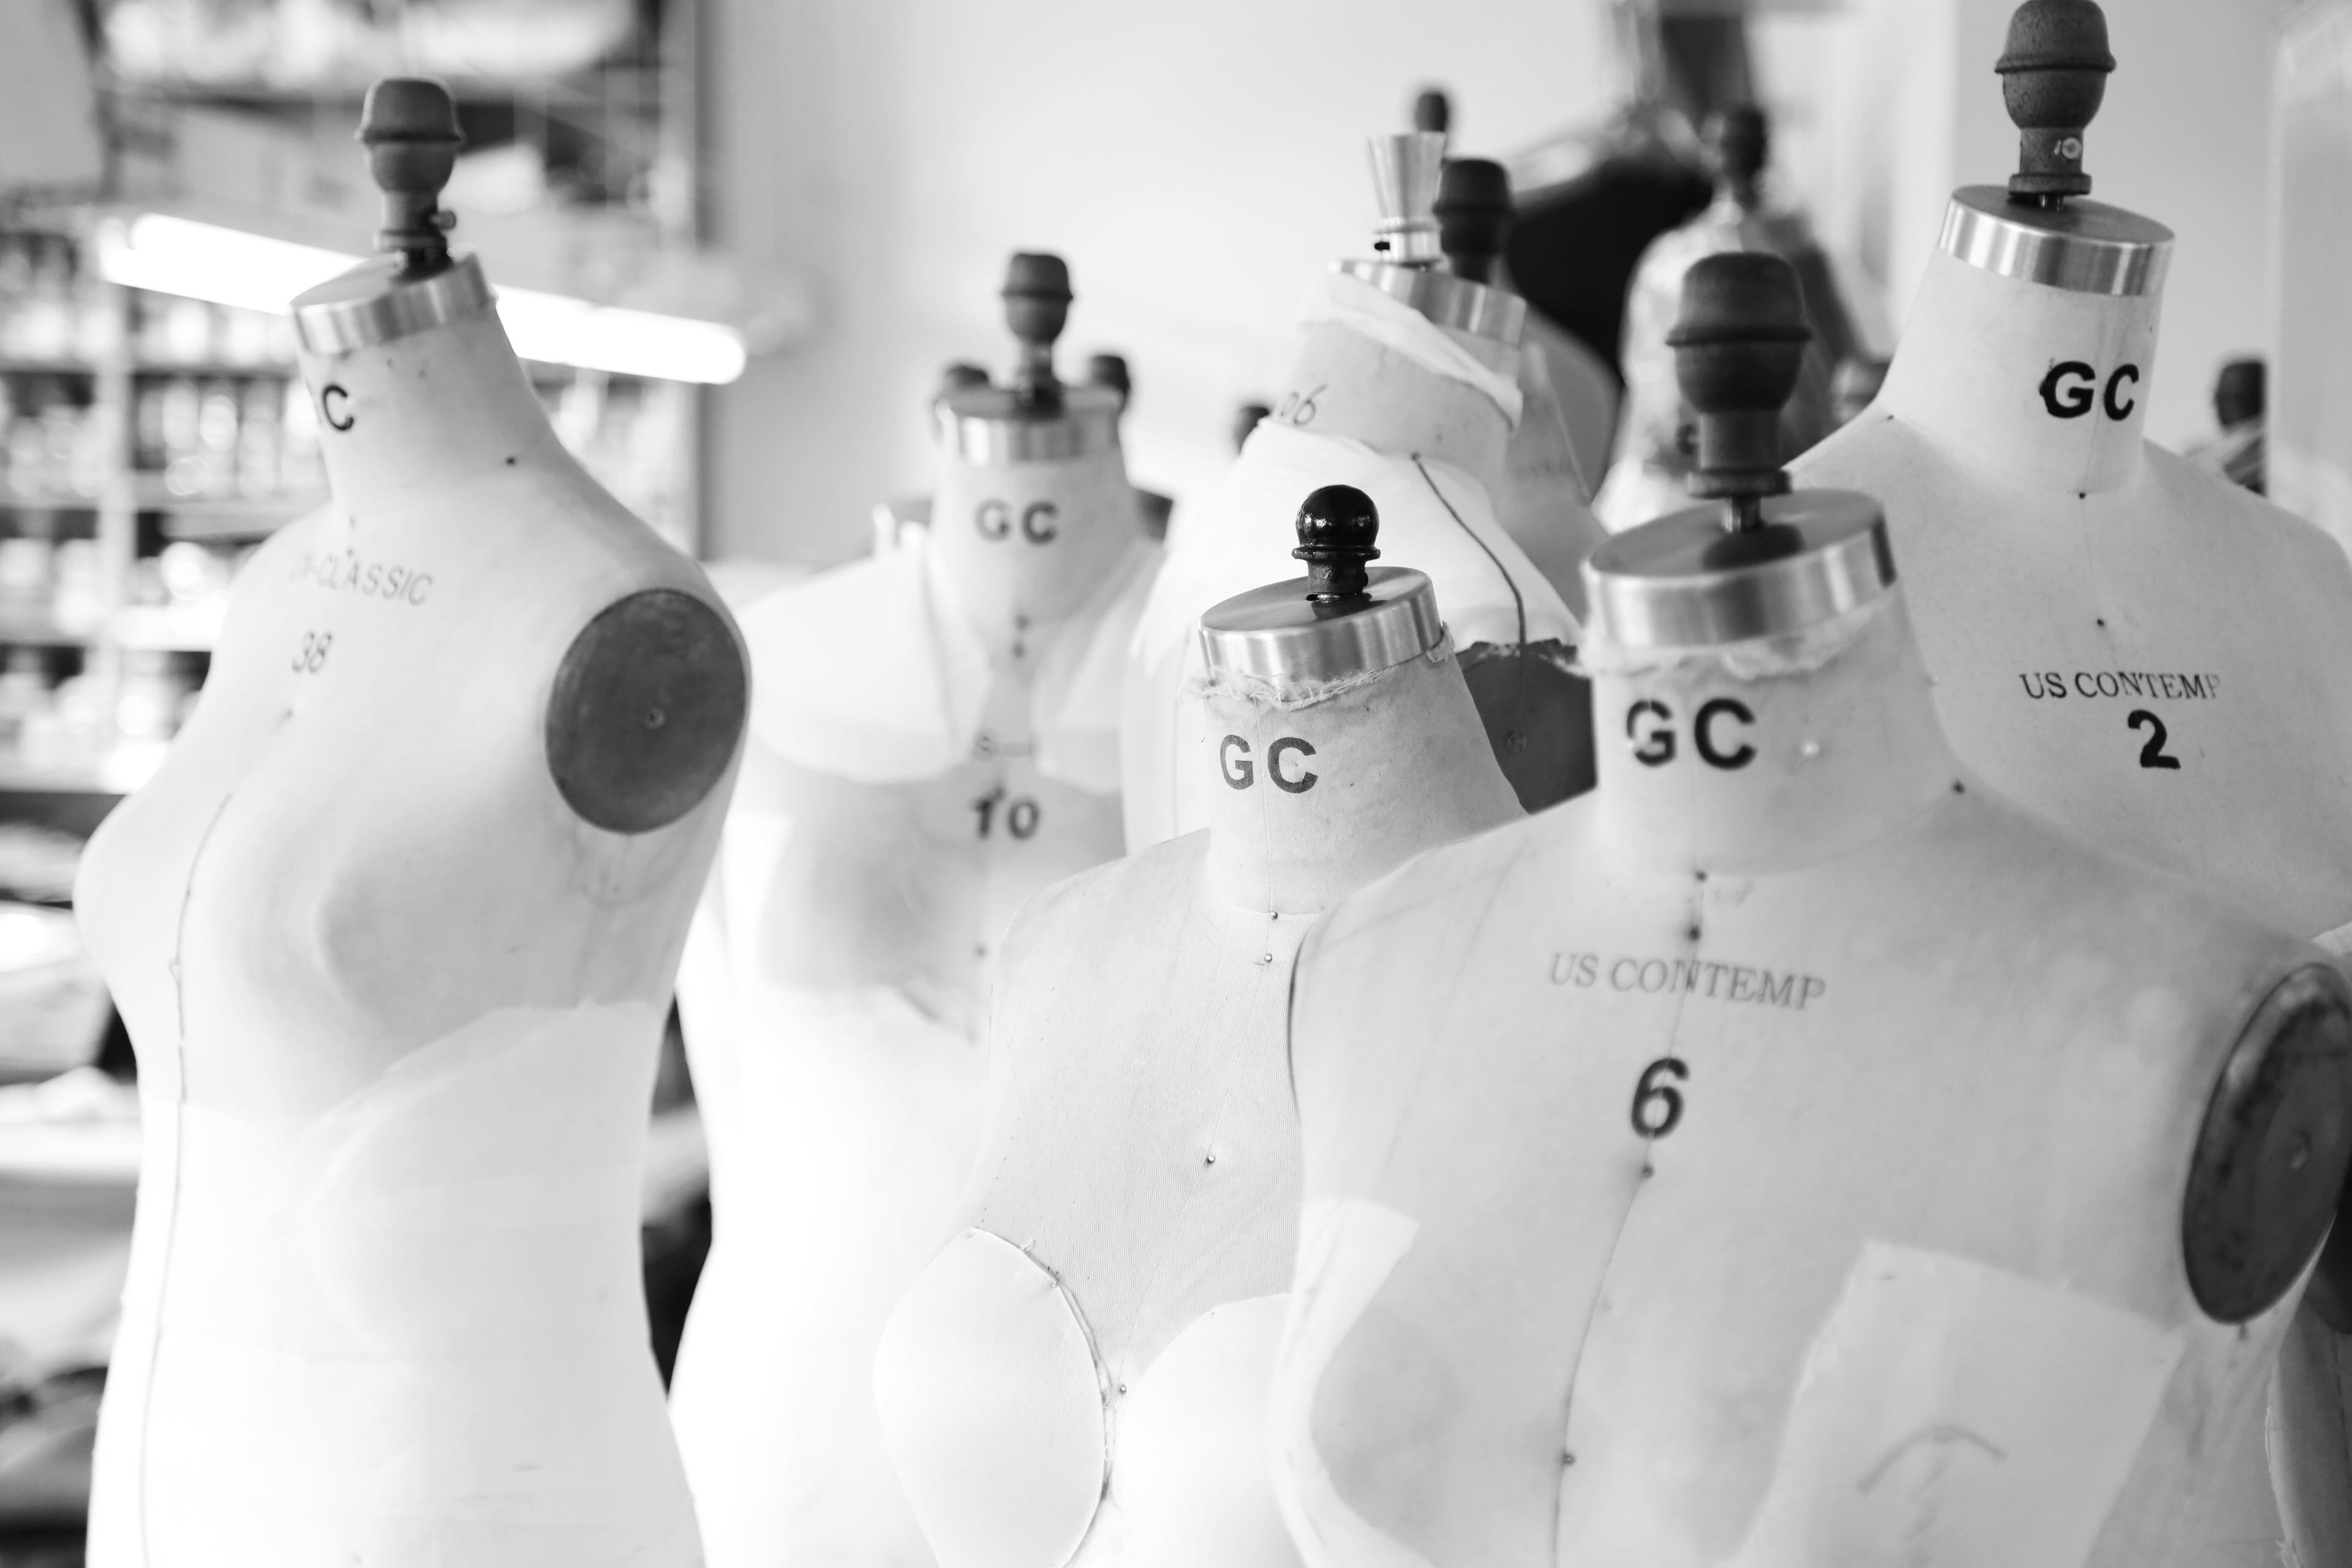 【橙湾课堂】Grace Chen:设计只是入场券,独创的号型体系才是高定品牌背后的核心竞争力